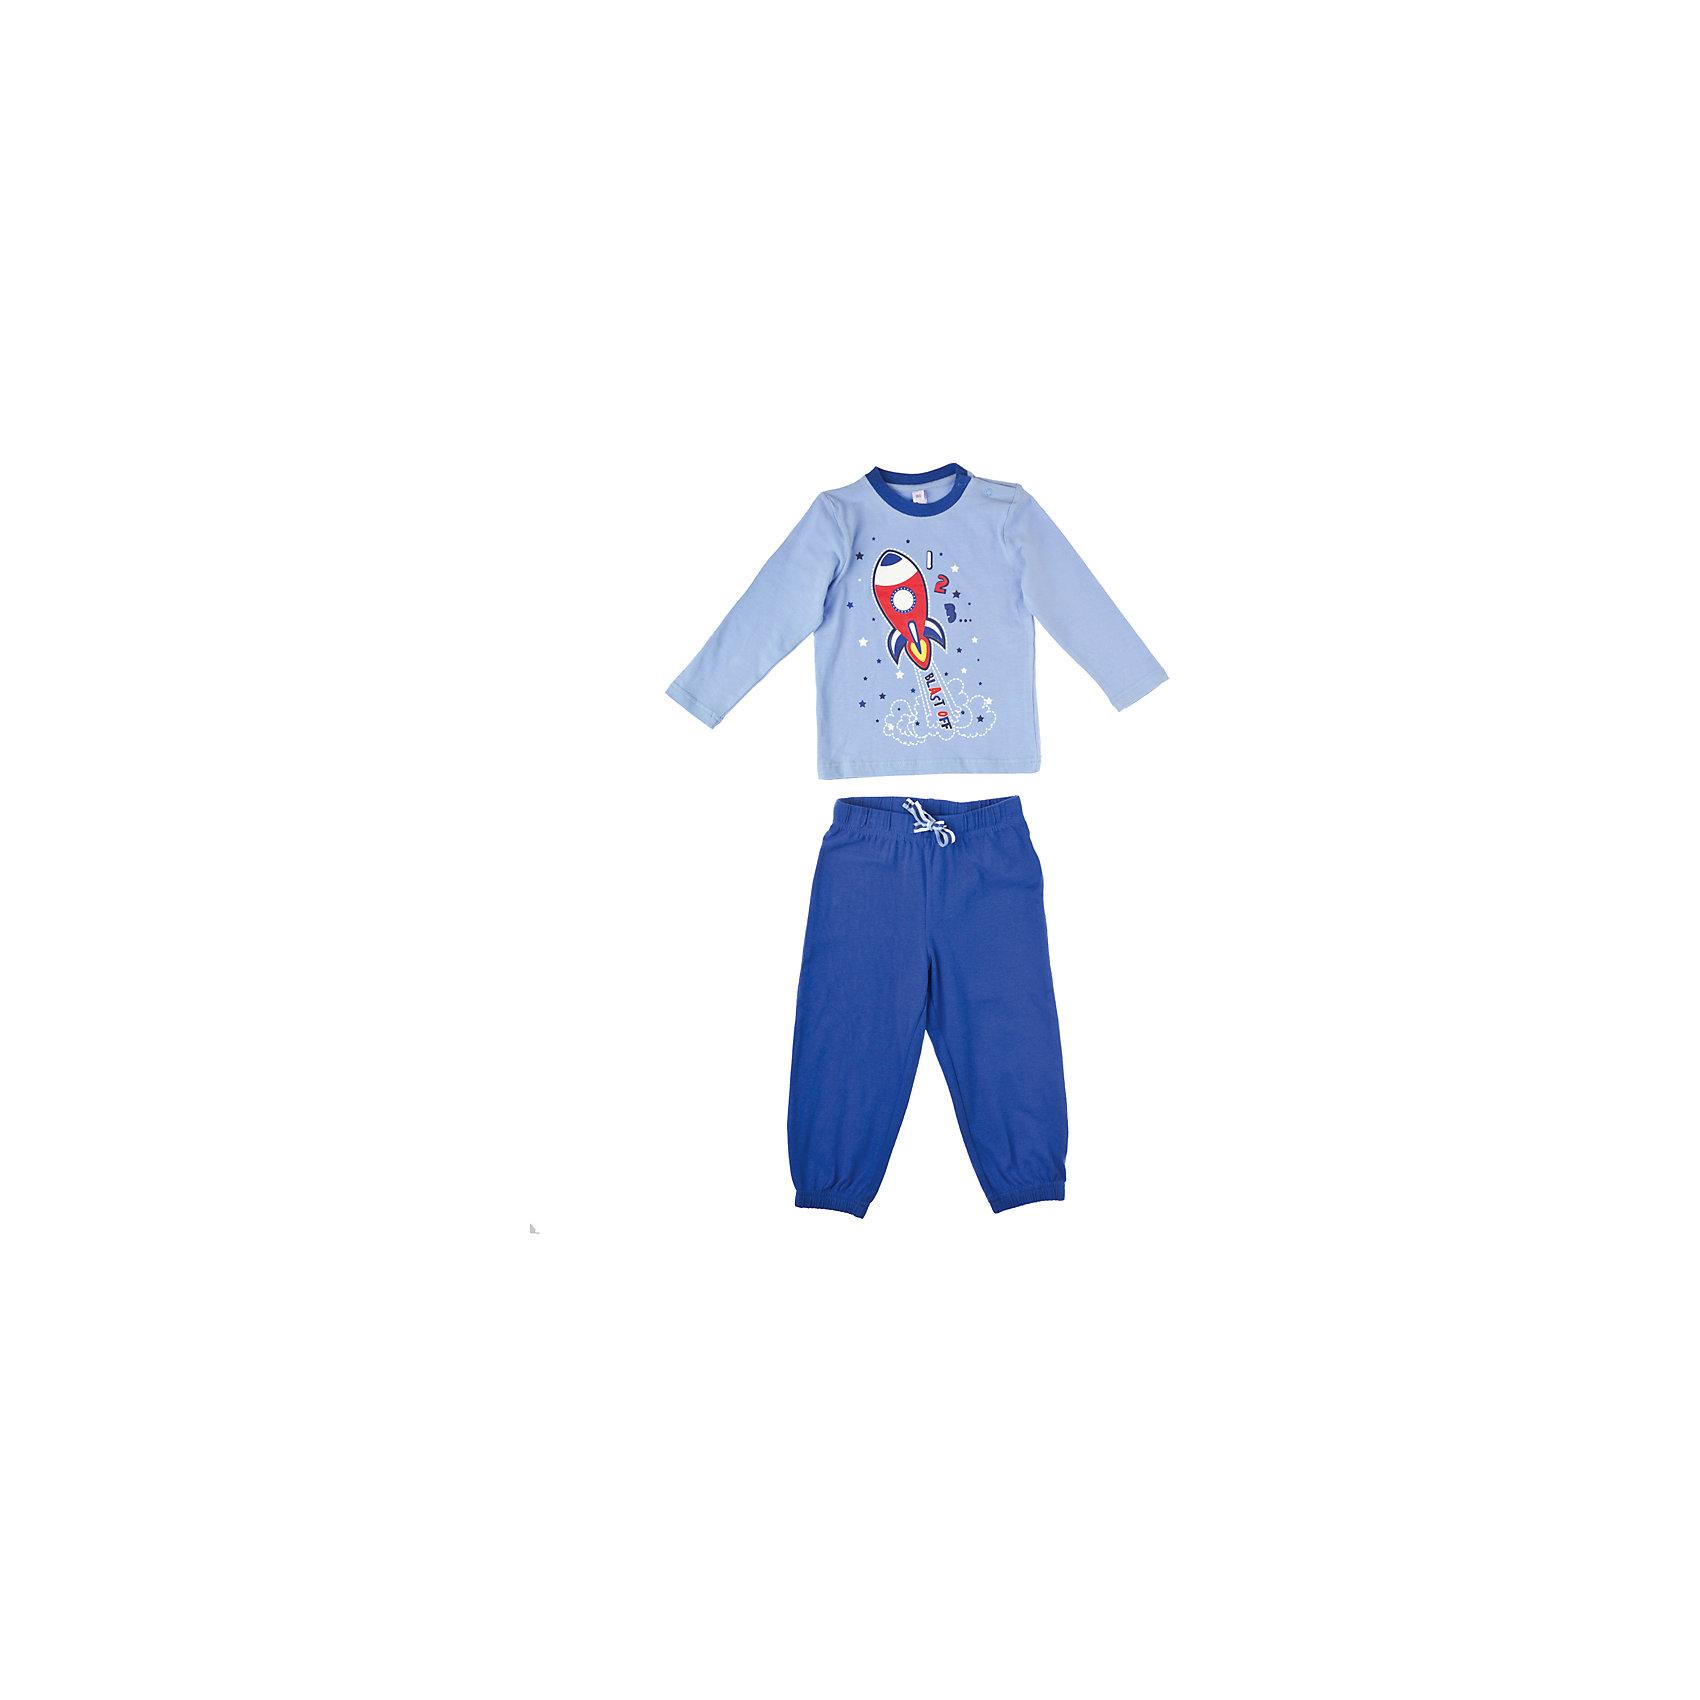 Пижама для мальчика PlayTodayКомплект для мальчика PlayToday Удобная пижама из эко-хлопка. Практична благодаря добавлению эластана — не растянется даже при ежедневной носке. Декорирована принтом на космическую тему. Состав: 95% хлопок, 5% эластан<br><br>Ширина мм: 190<br>Глубина мм: 74<br>Высота мм: 229<br>Вес г: 236<br>Цвет: голубой/синий<br>Возраст от месяцев: 6<br>Возраст до месяцев: 9<br>Пол: Мужской<br>Возраст: Детский<br>Размер: 74,86,92,80<br>SKU: 4229132